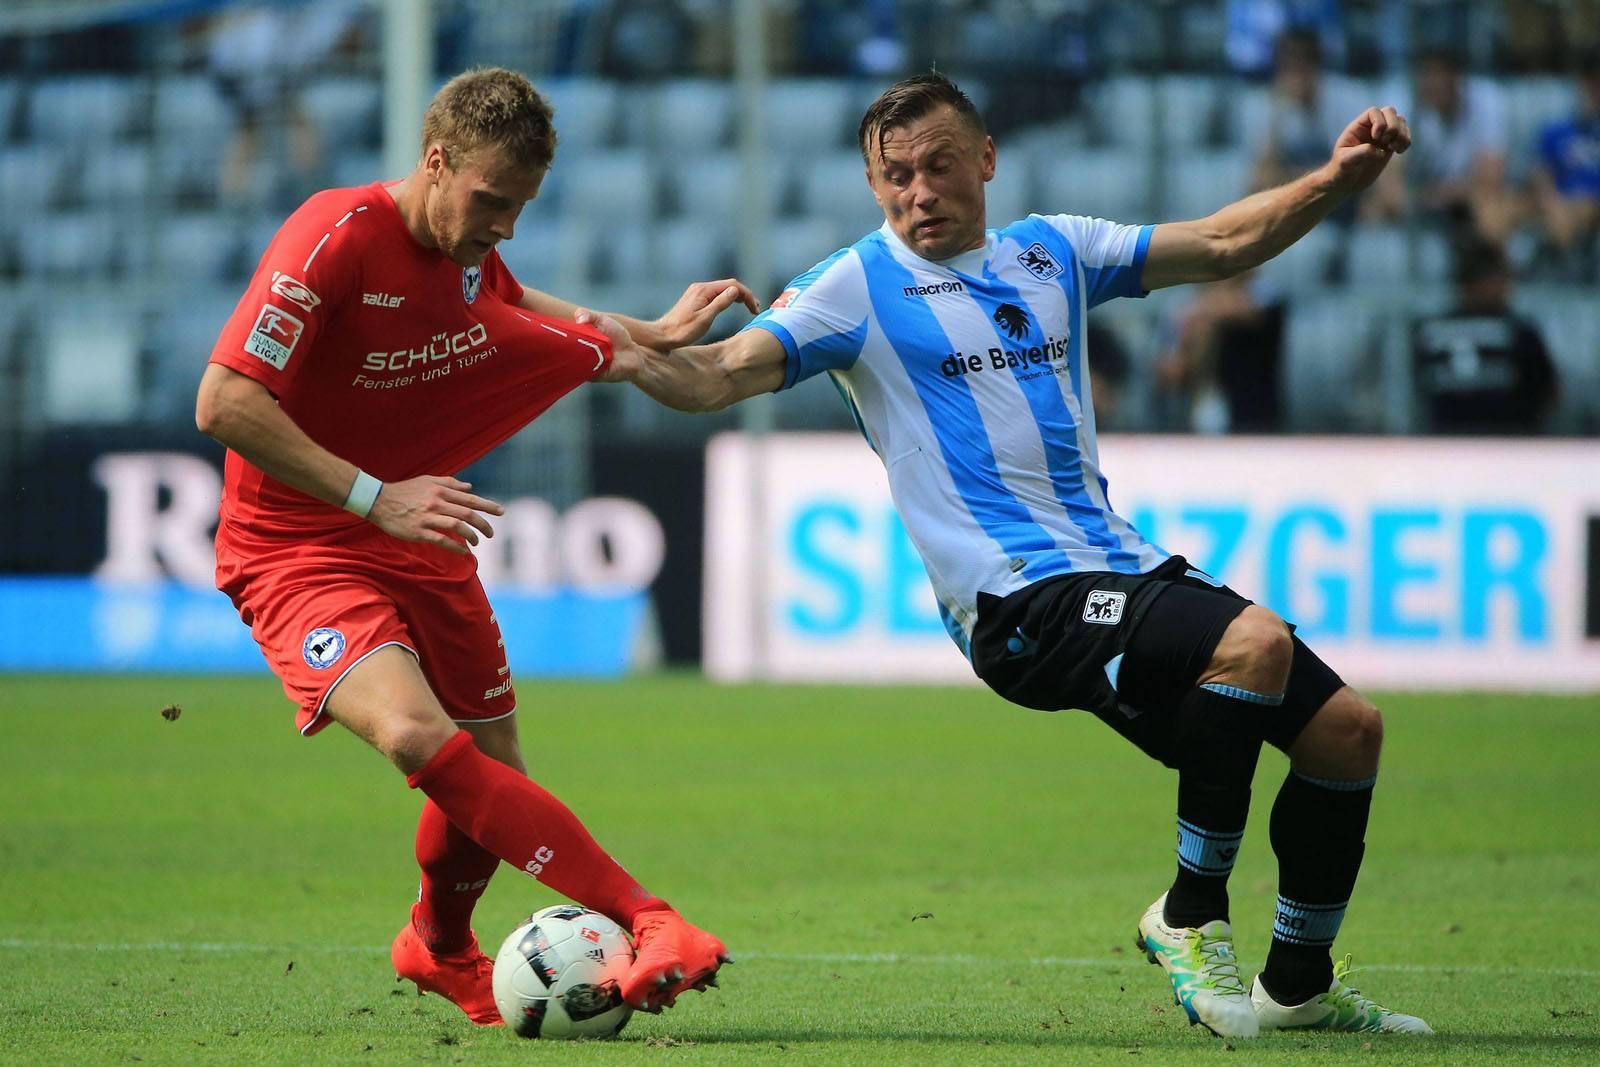 Brian Behrendt im Zweikampf mit Ivica Olic. Jetzt auf Bielefeld gegen 1860 München wetten!